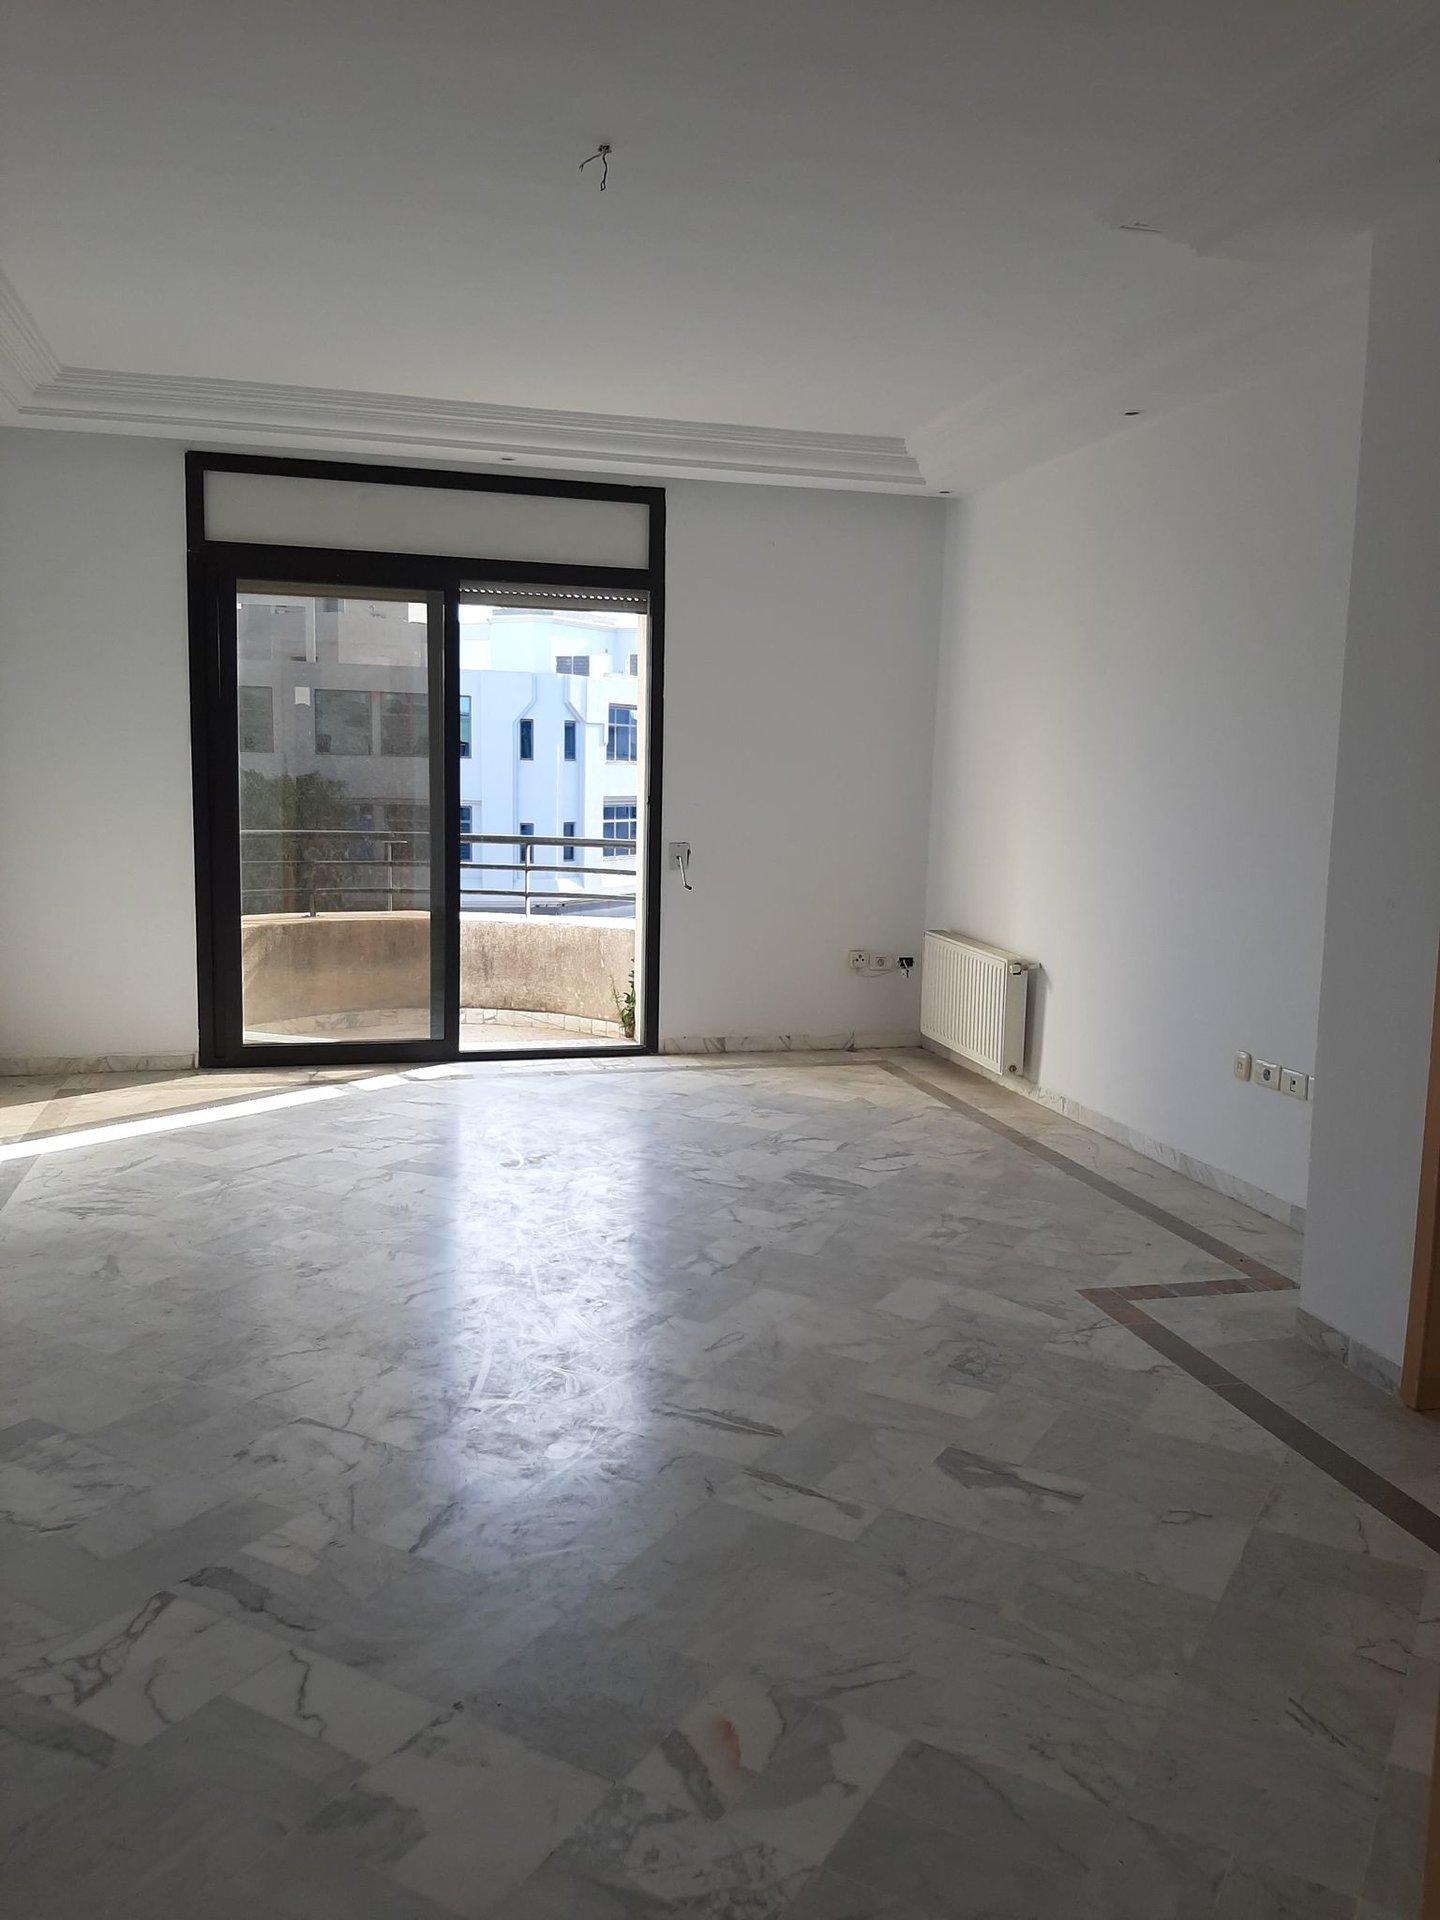 Location Bureau de 3 pièces 160 m² au Lac 1.